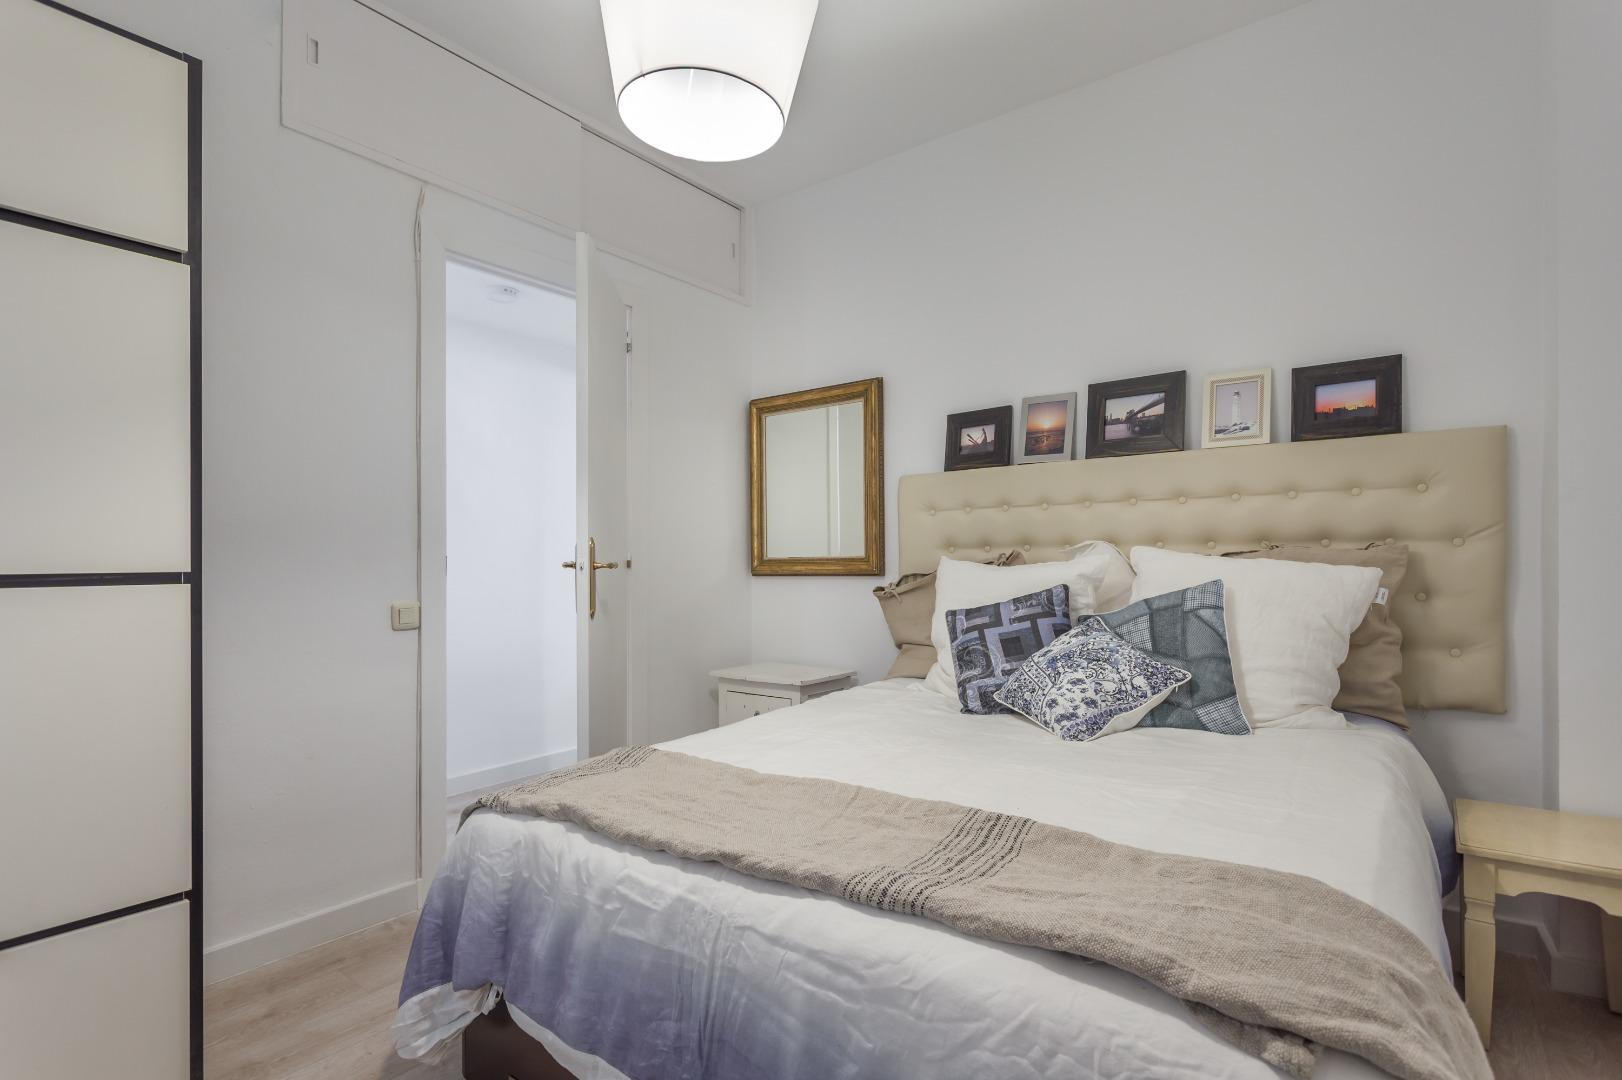 Lloguer de temporada Pis  Carrer dels tiradors. Modern 1-bedroom apartment for rent in el born